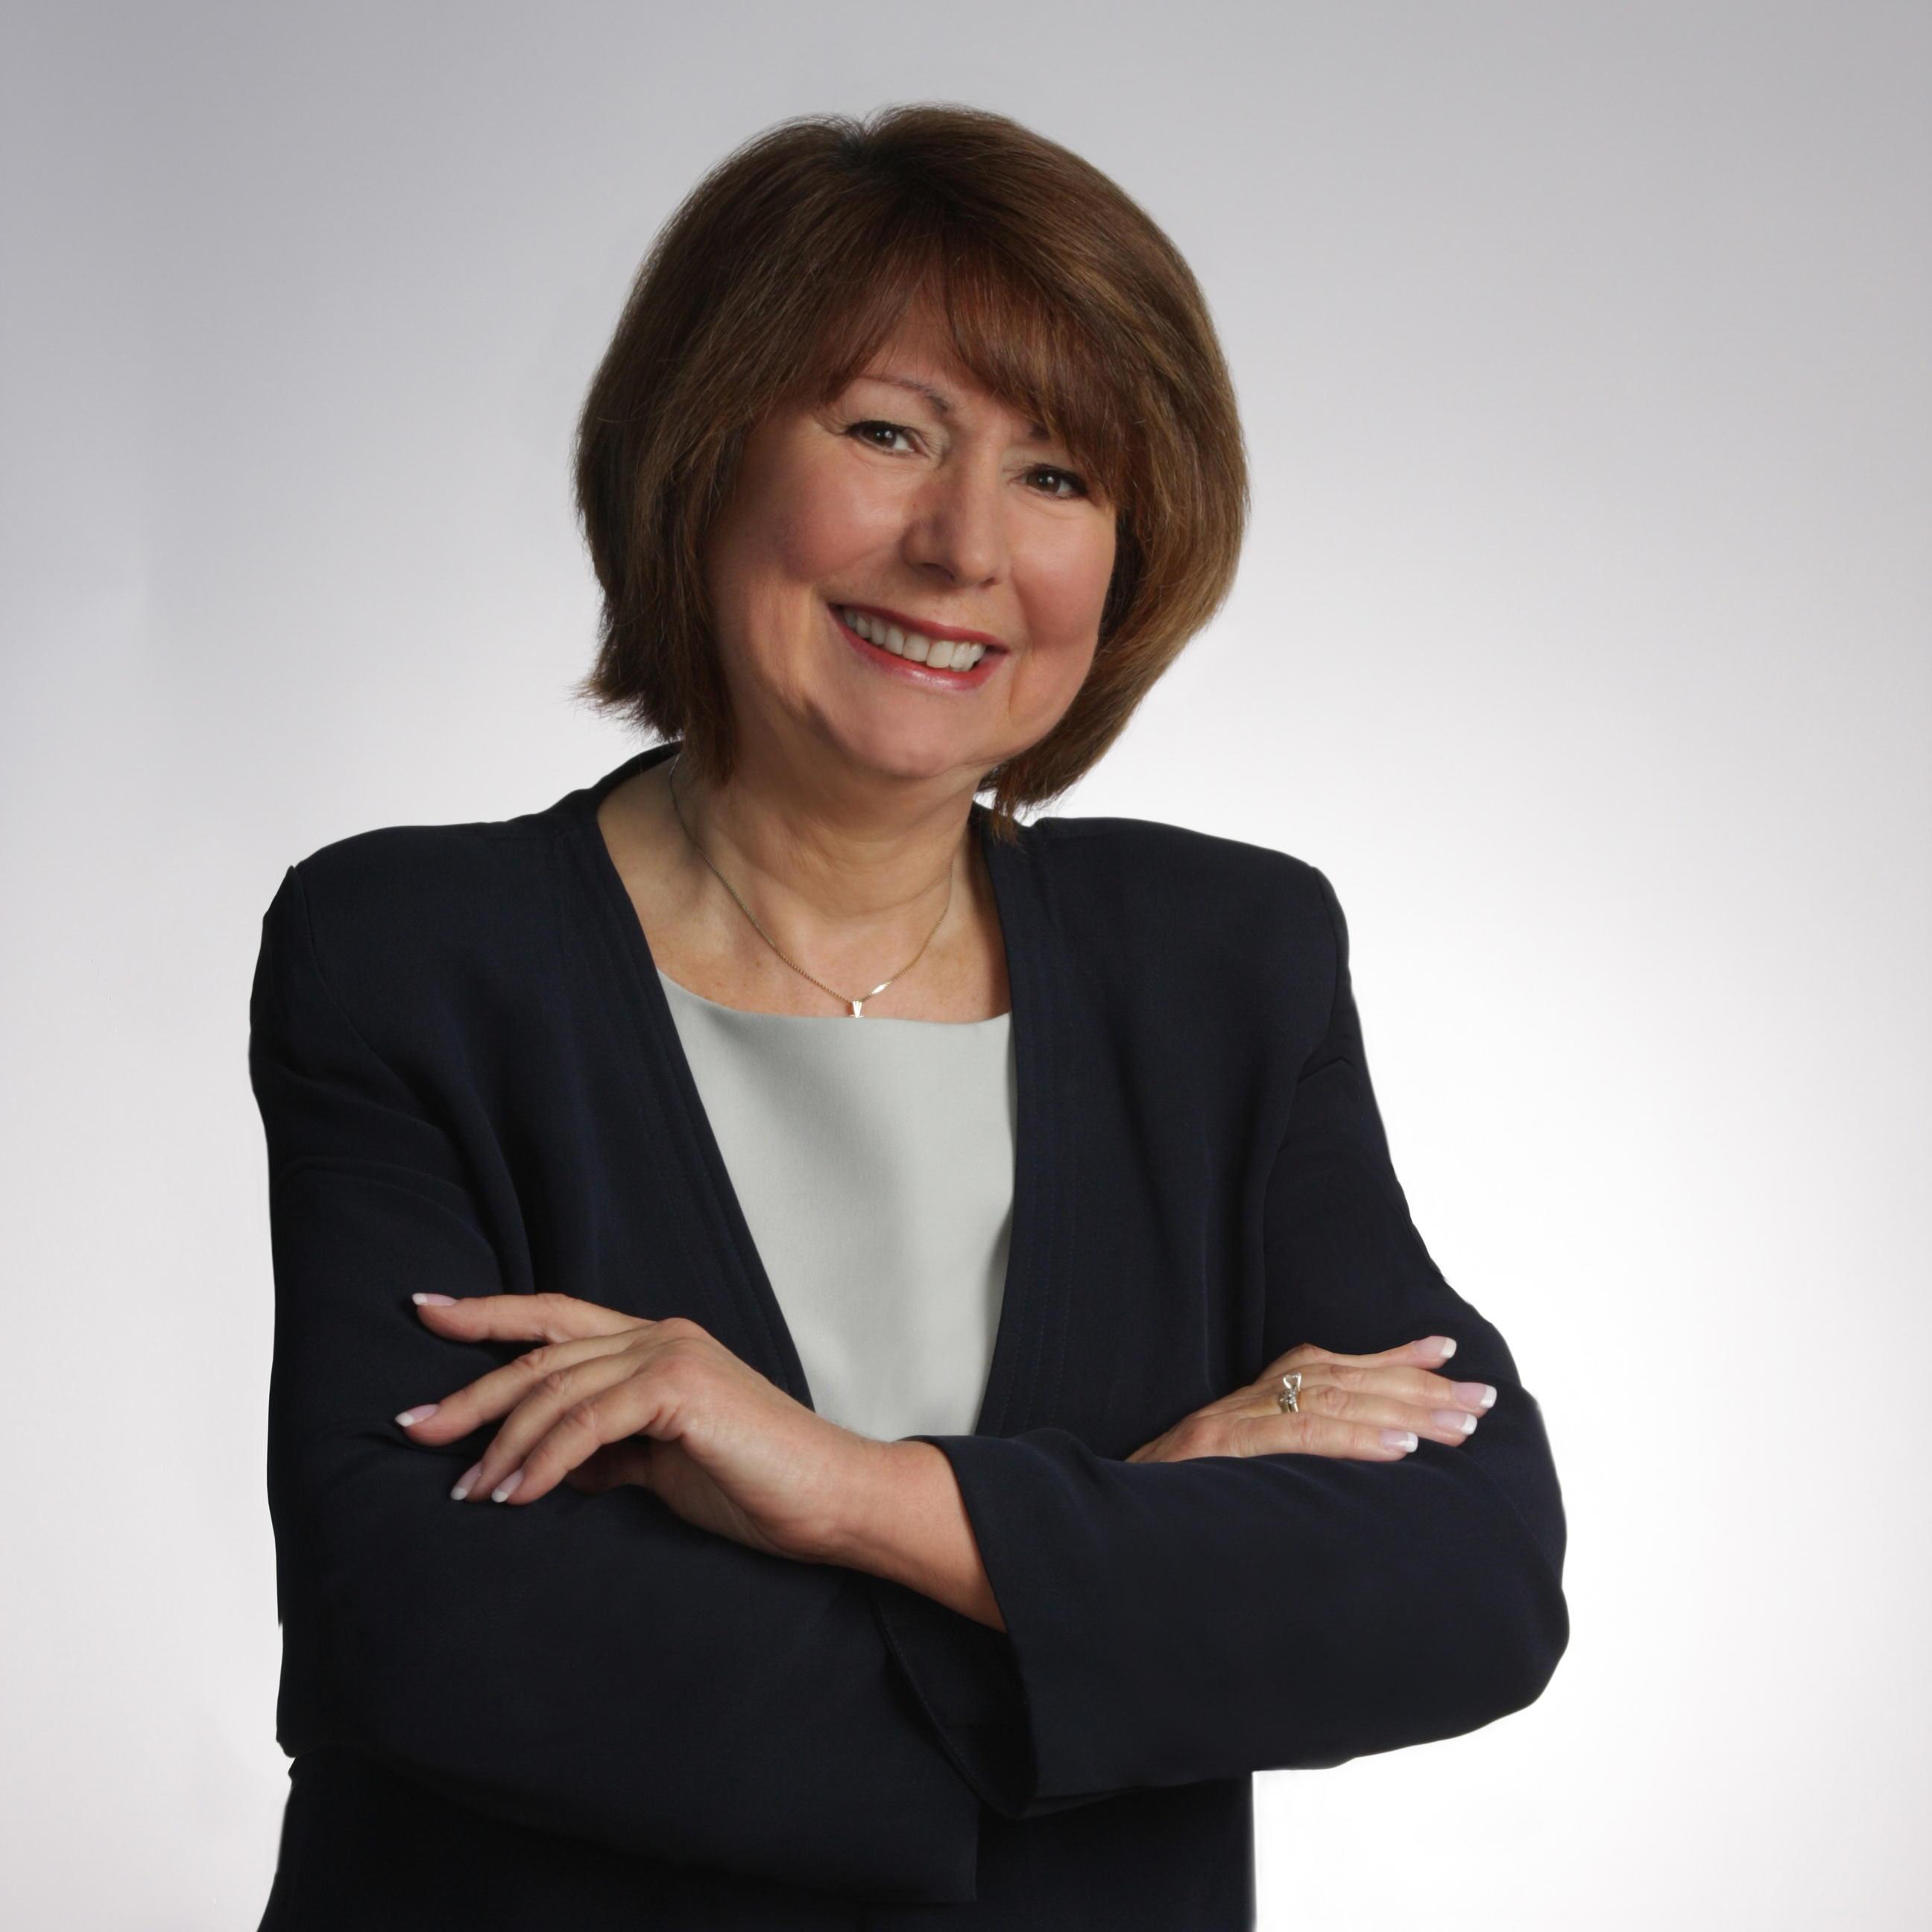 Kathleen Humphrey